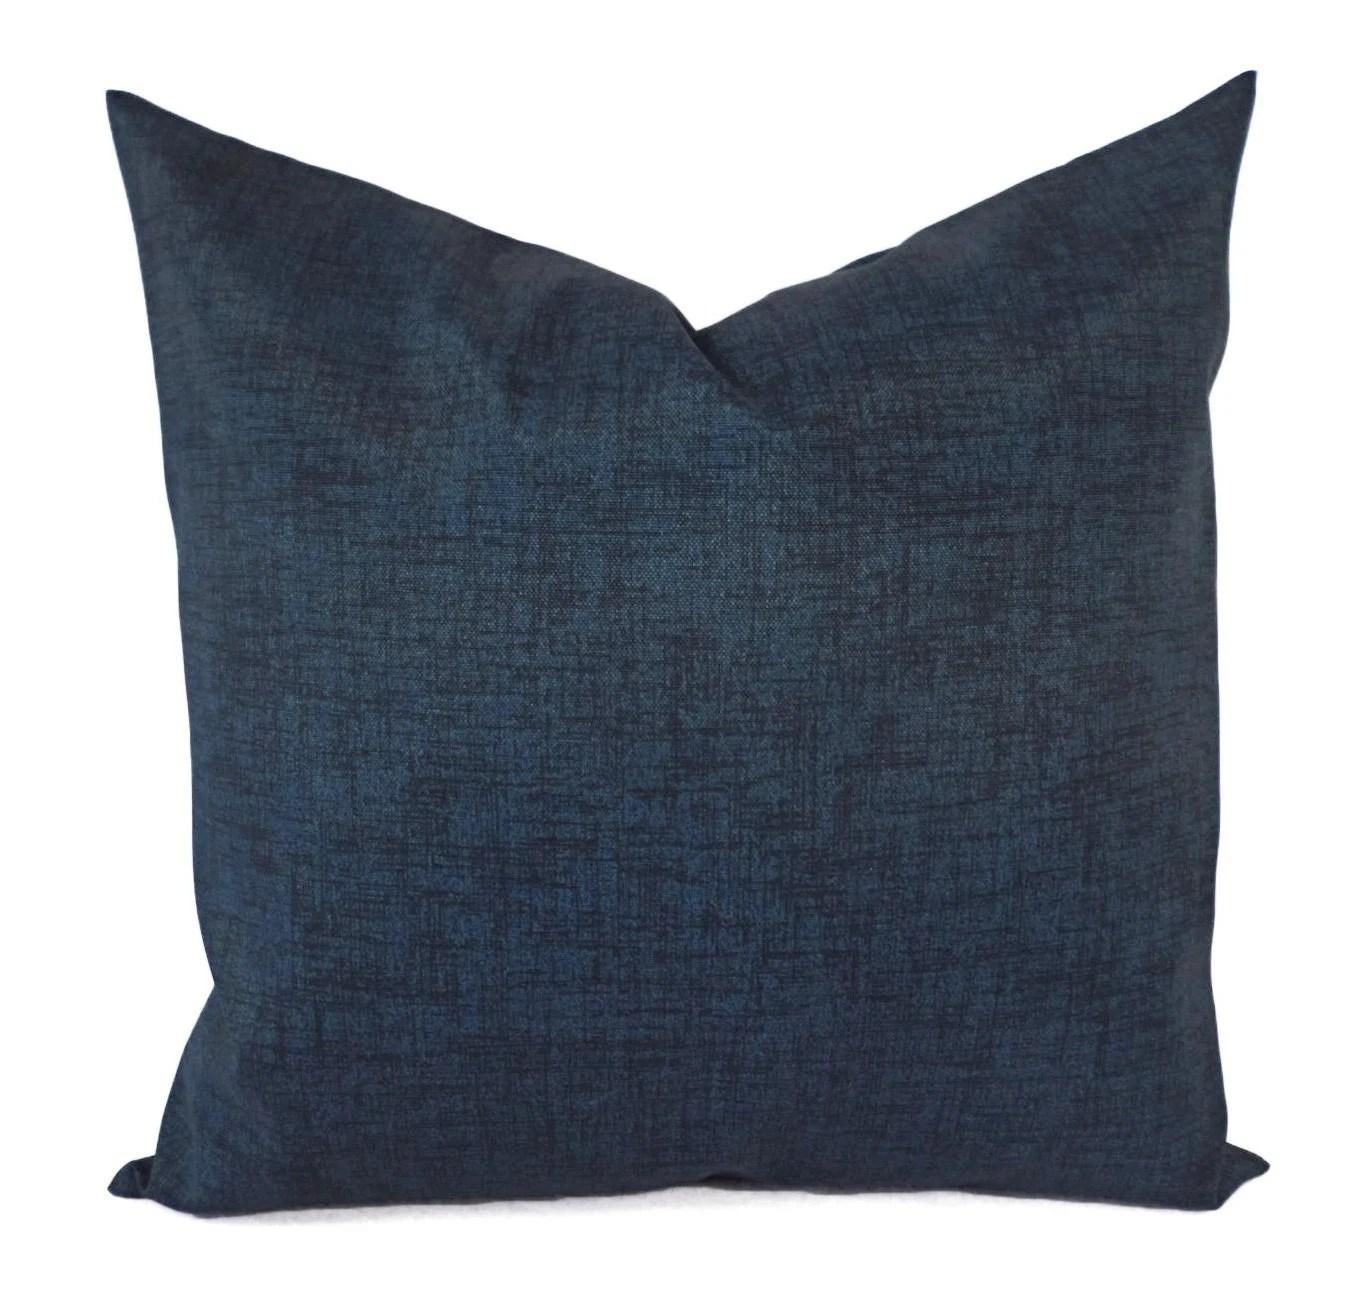 Two OUTDOOR Pillows Navy Pillowcase Navy Pillow Cover